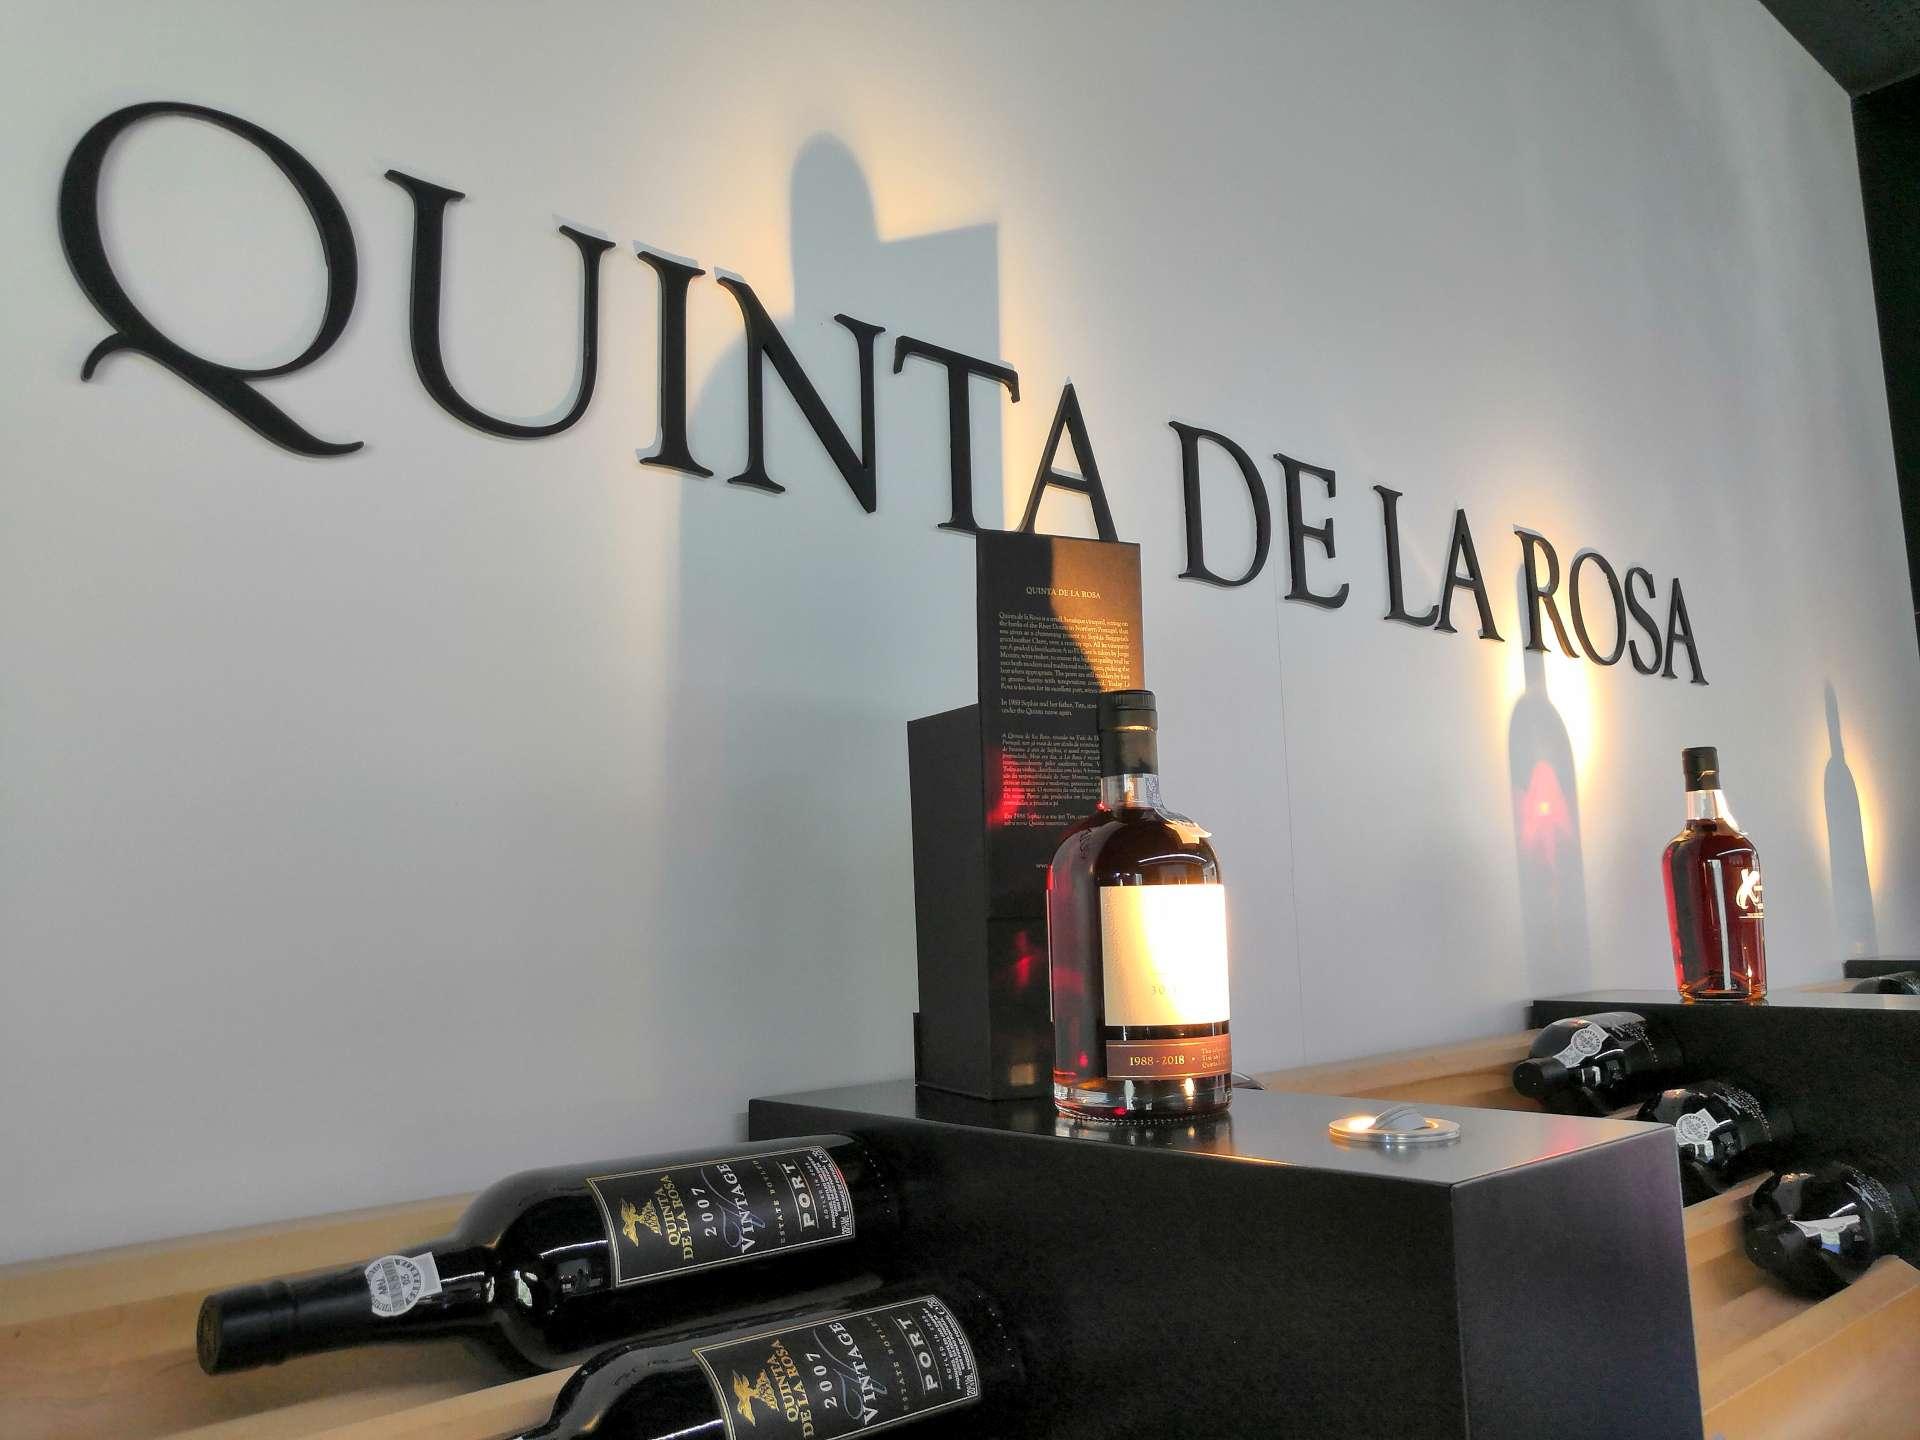 Quinta de la Rosa je světoznámou značkou. S jejich portským, tichým vínem, olivovým olejem či nově pivem se můžete setkat nejen v Evropě, ale i v USA.